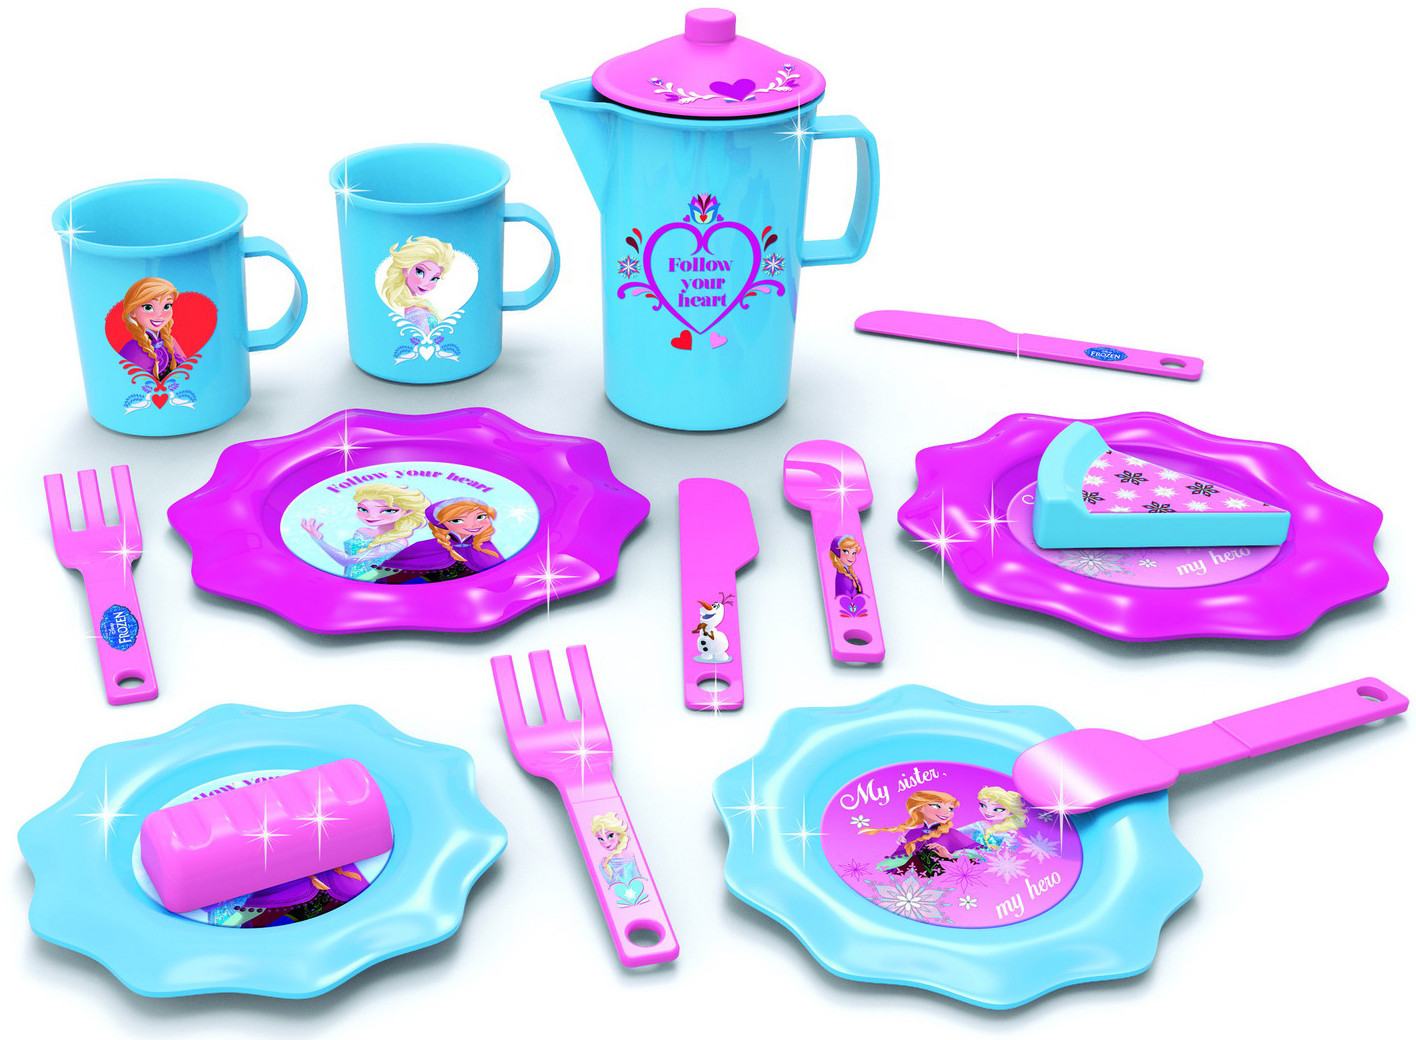 Посуда и наборы продуктов Bildo Игровой набор посуды для чая Bildo «Холодное сердце» 15 пр. набор посуды для детей stor холодное сердце олаф и свен